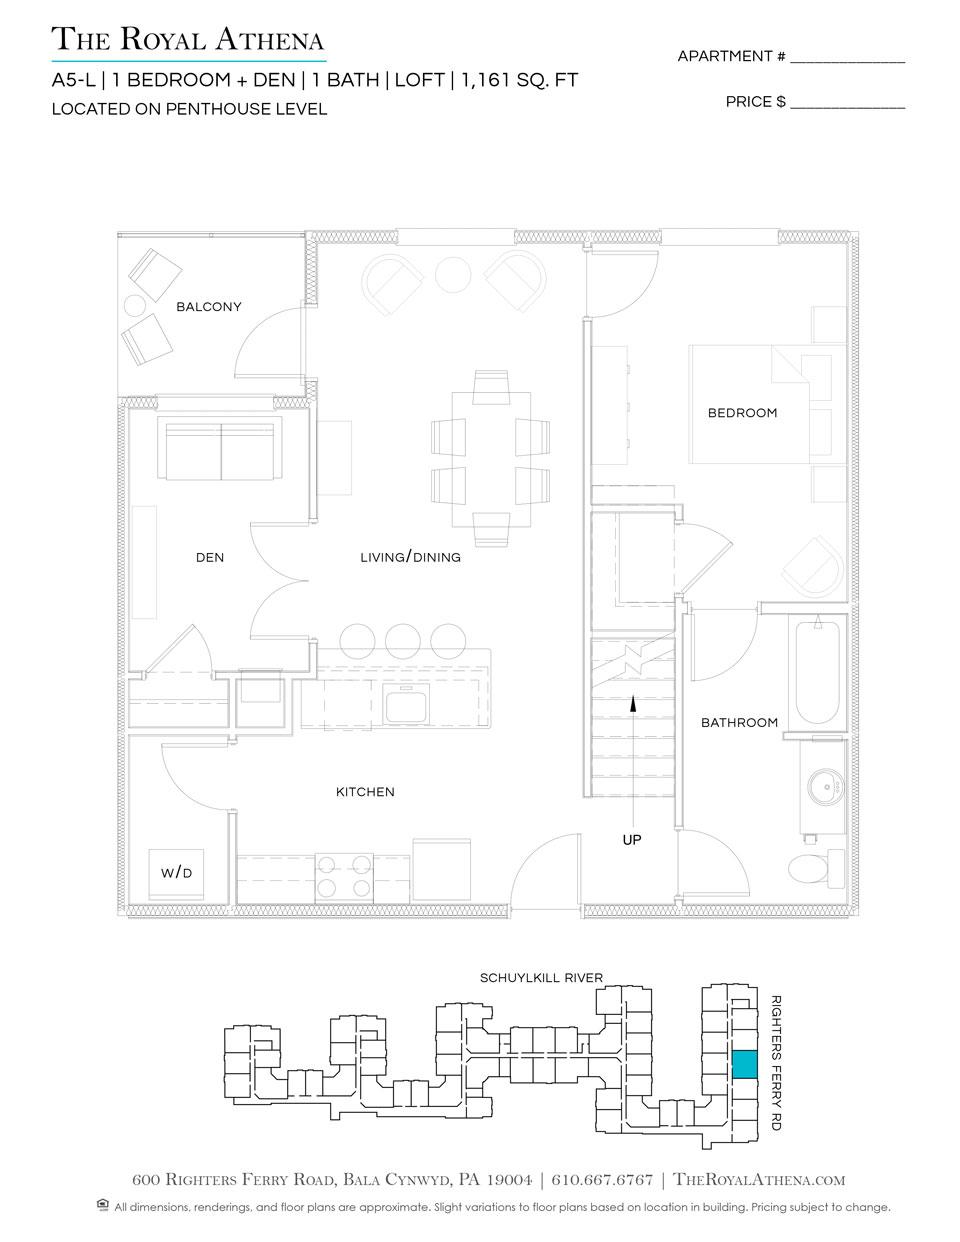 P0659218 a5 l 1 2 floorplan